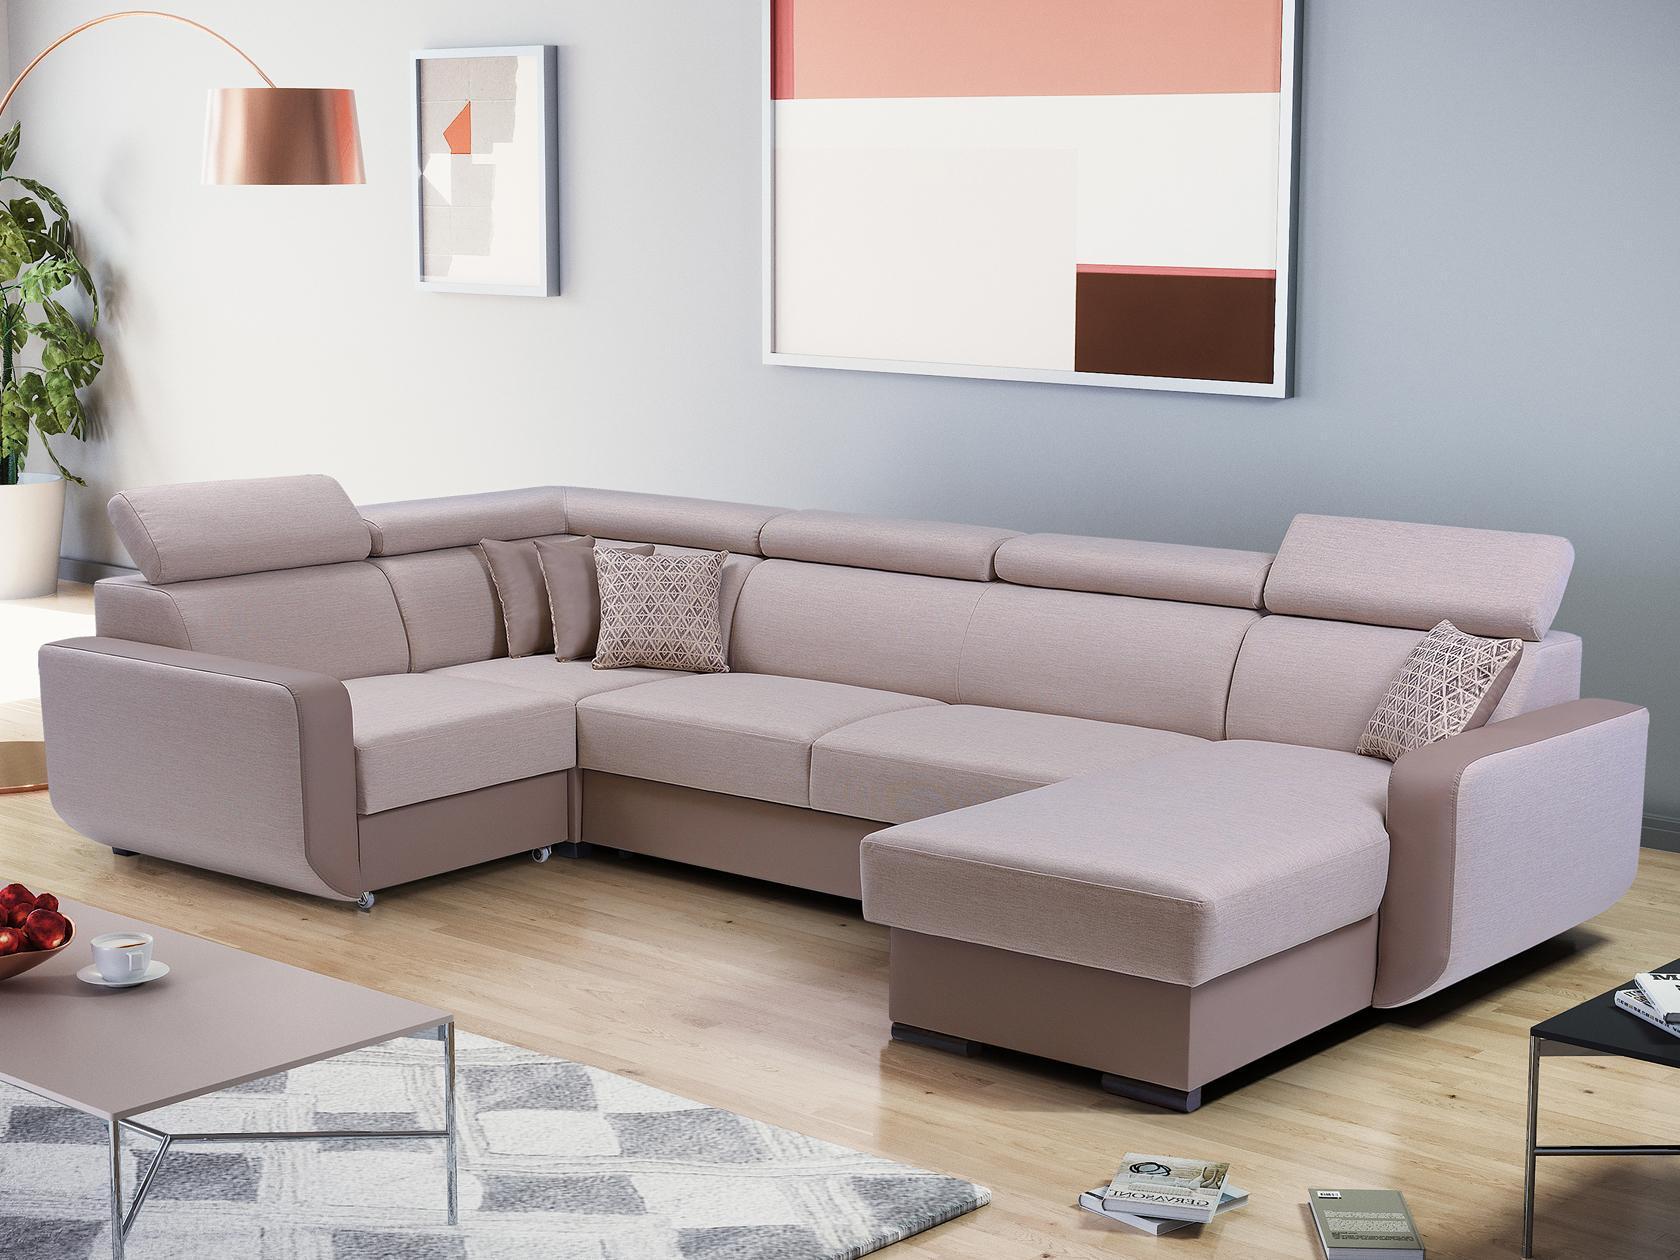 Rohová sedačka - Istar U (béžová + svetlohnedá) (L). Akcia -33%